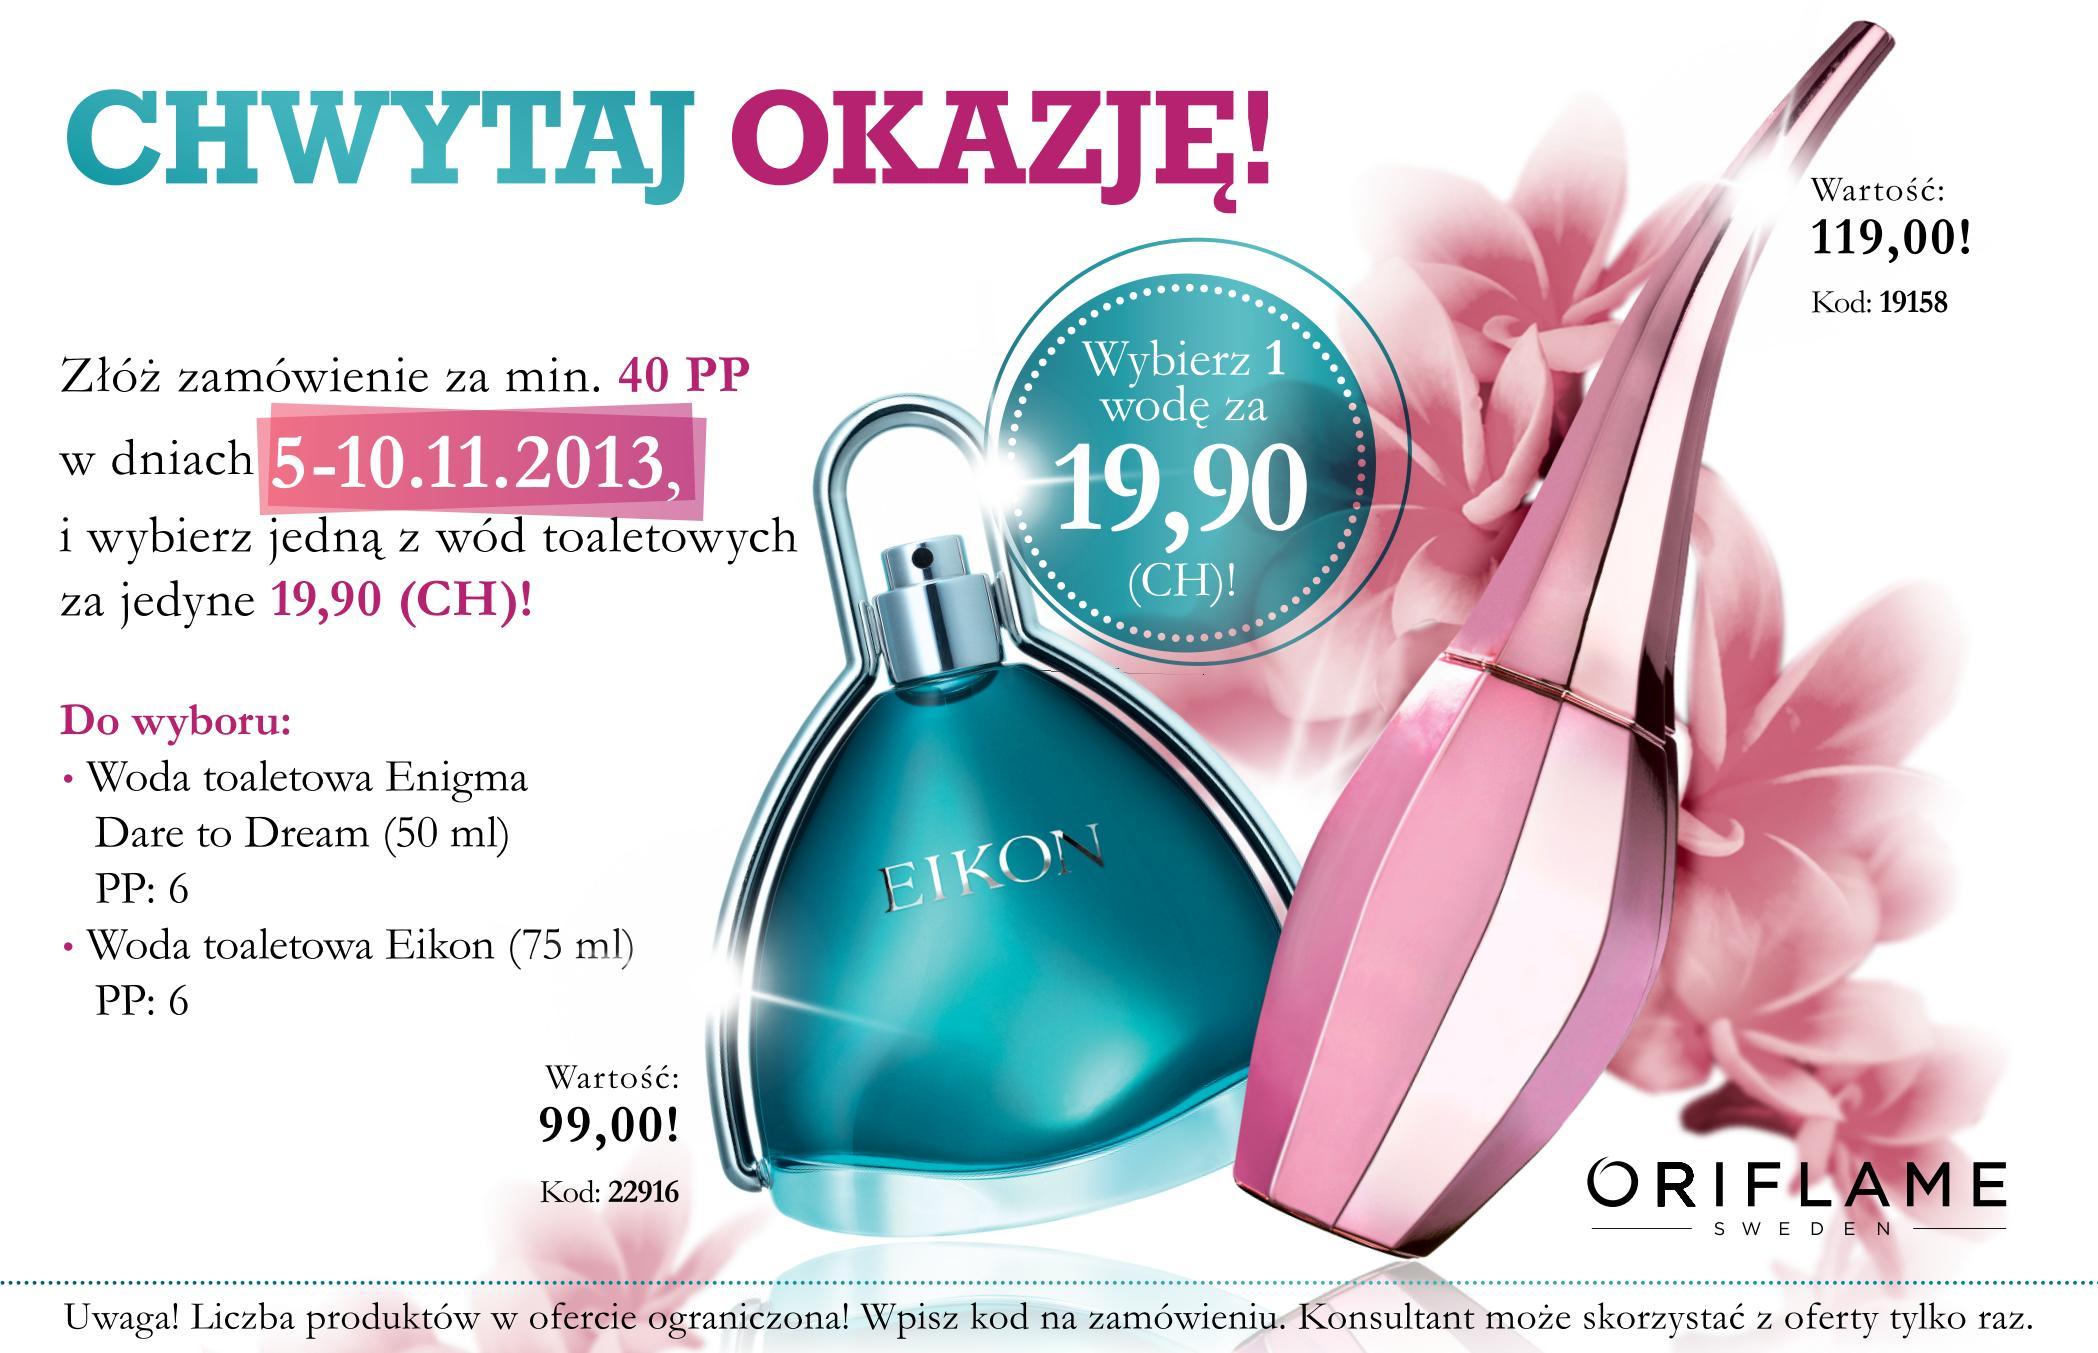 Katalog Oriflame 16 2013 oferta  na 1 tydzień